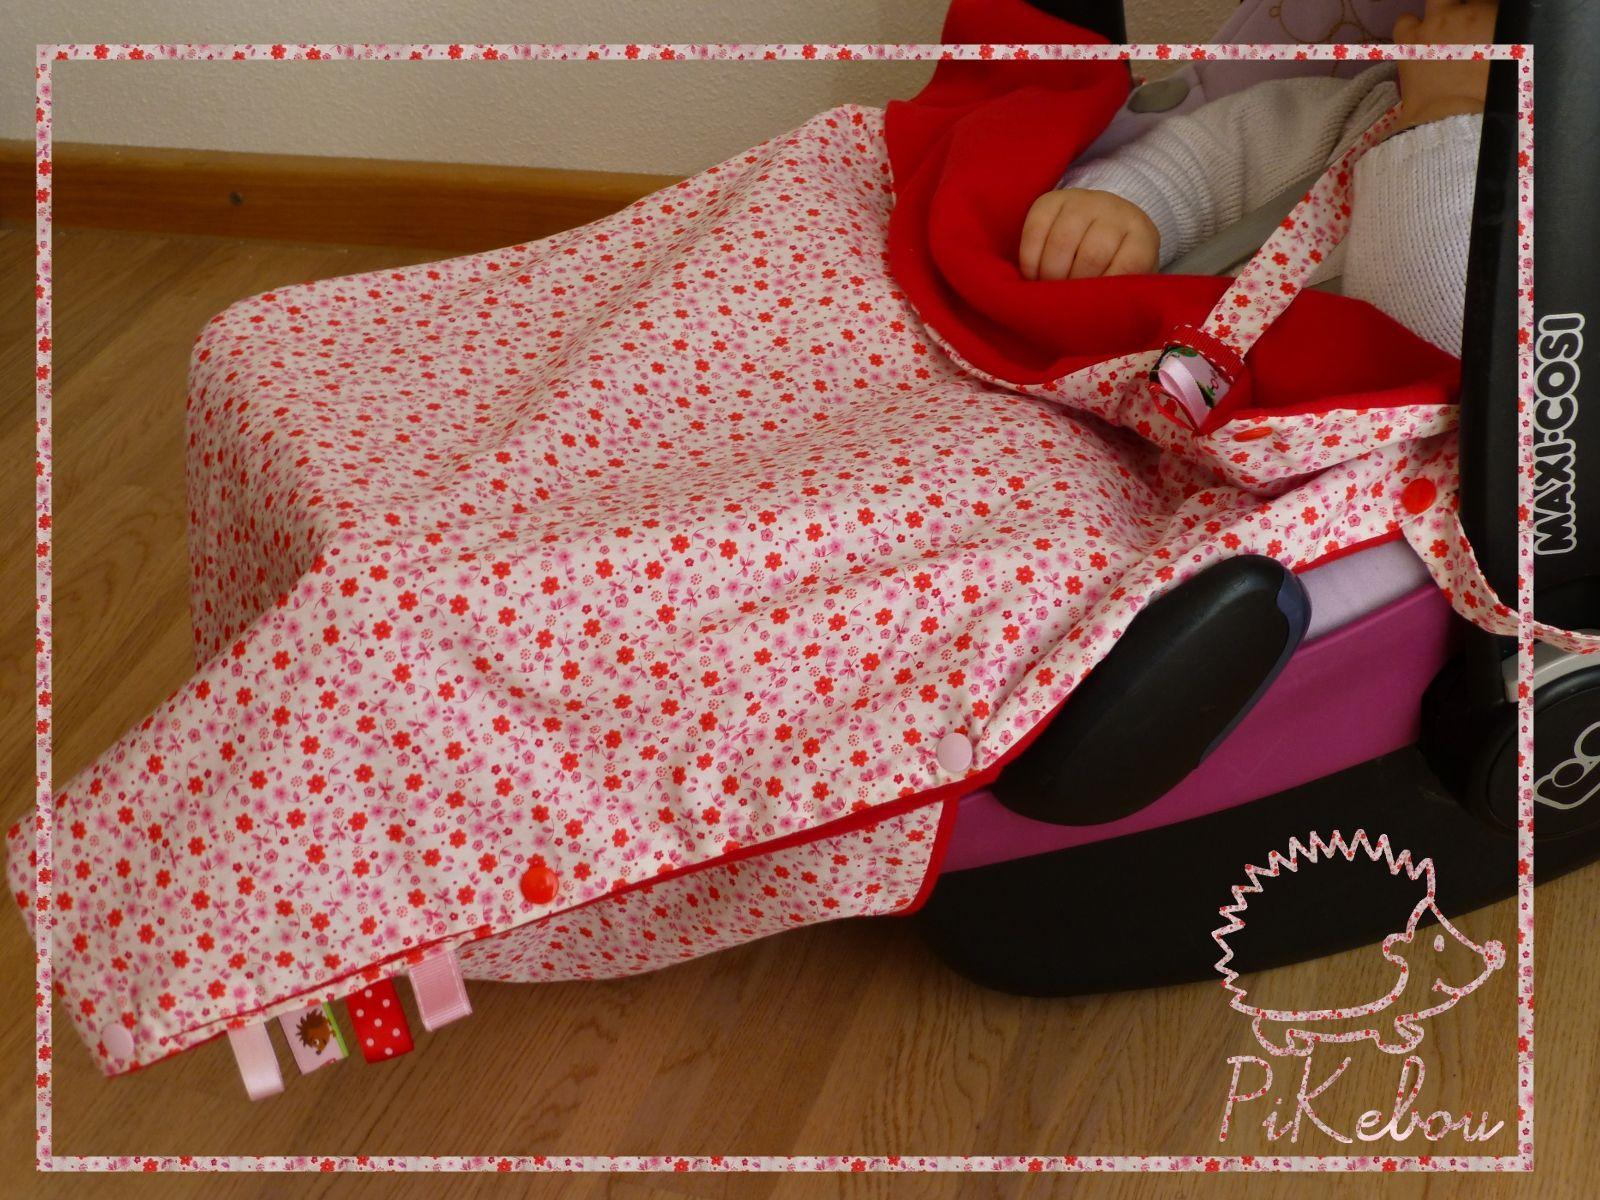 jolie couverture bébé couverture bébé pour poussette, cosi ou porte bébé | Enfant  jolie couverture bébé